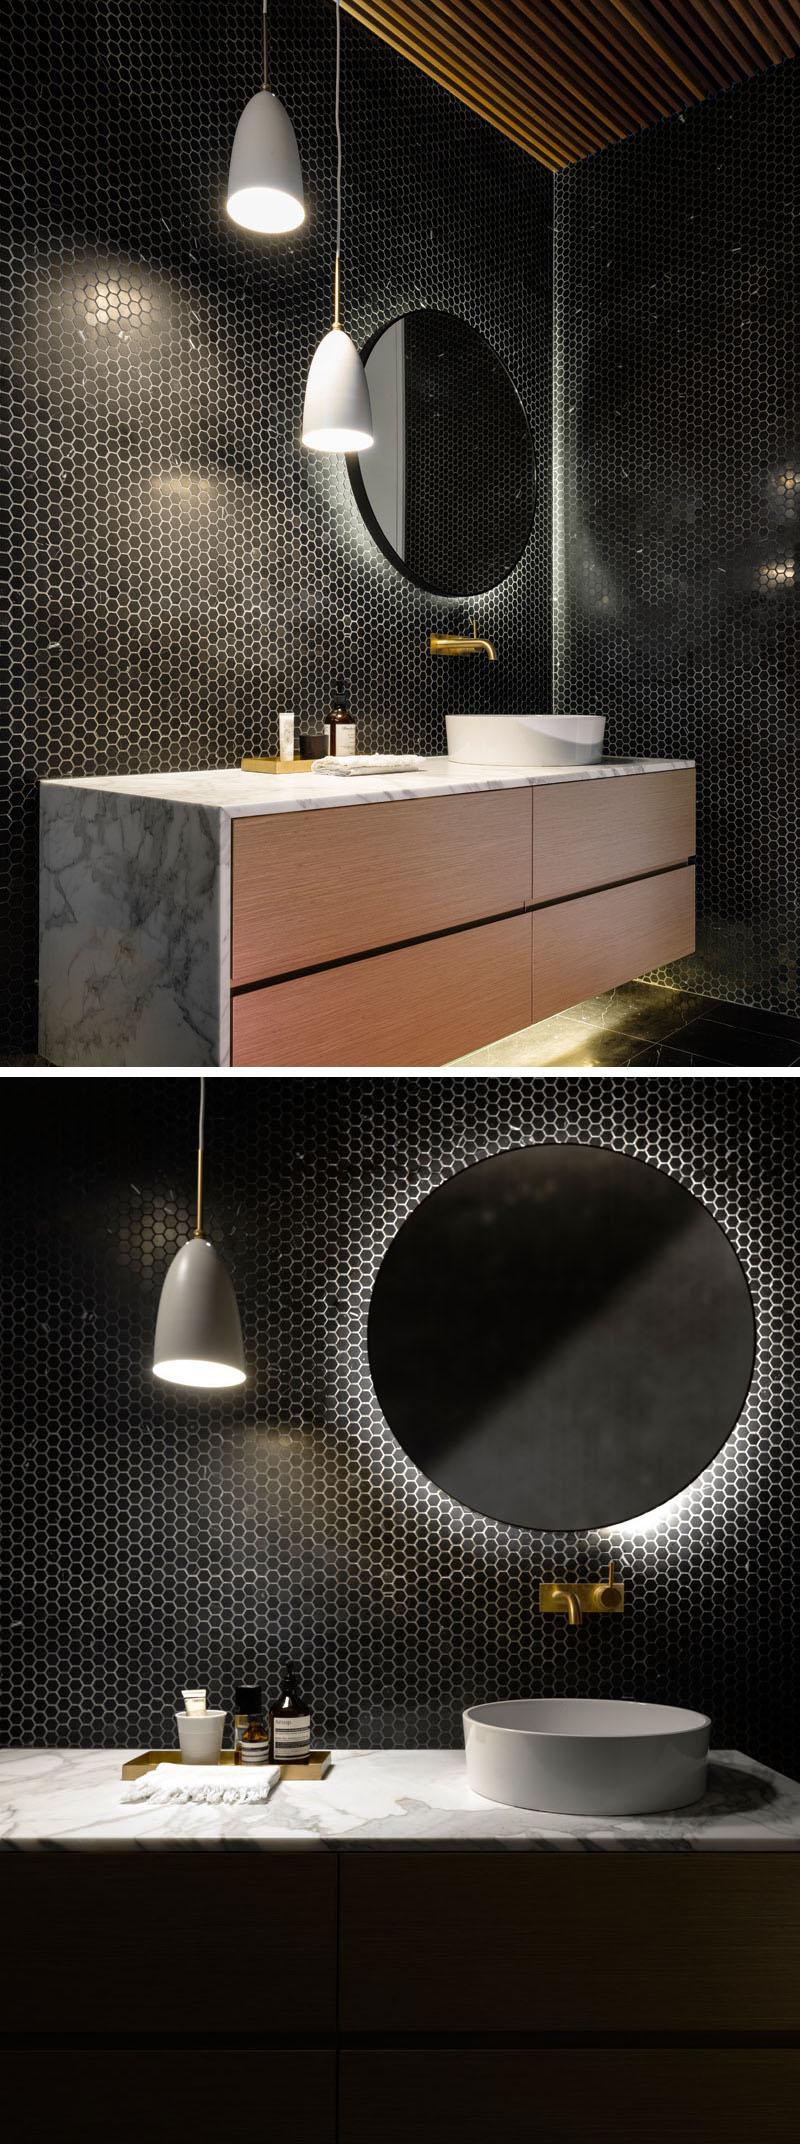 bathroom vanity #40